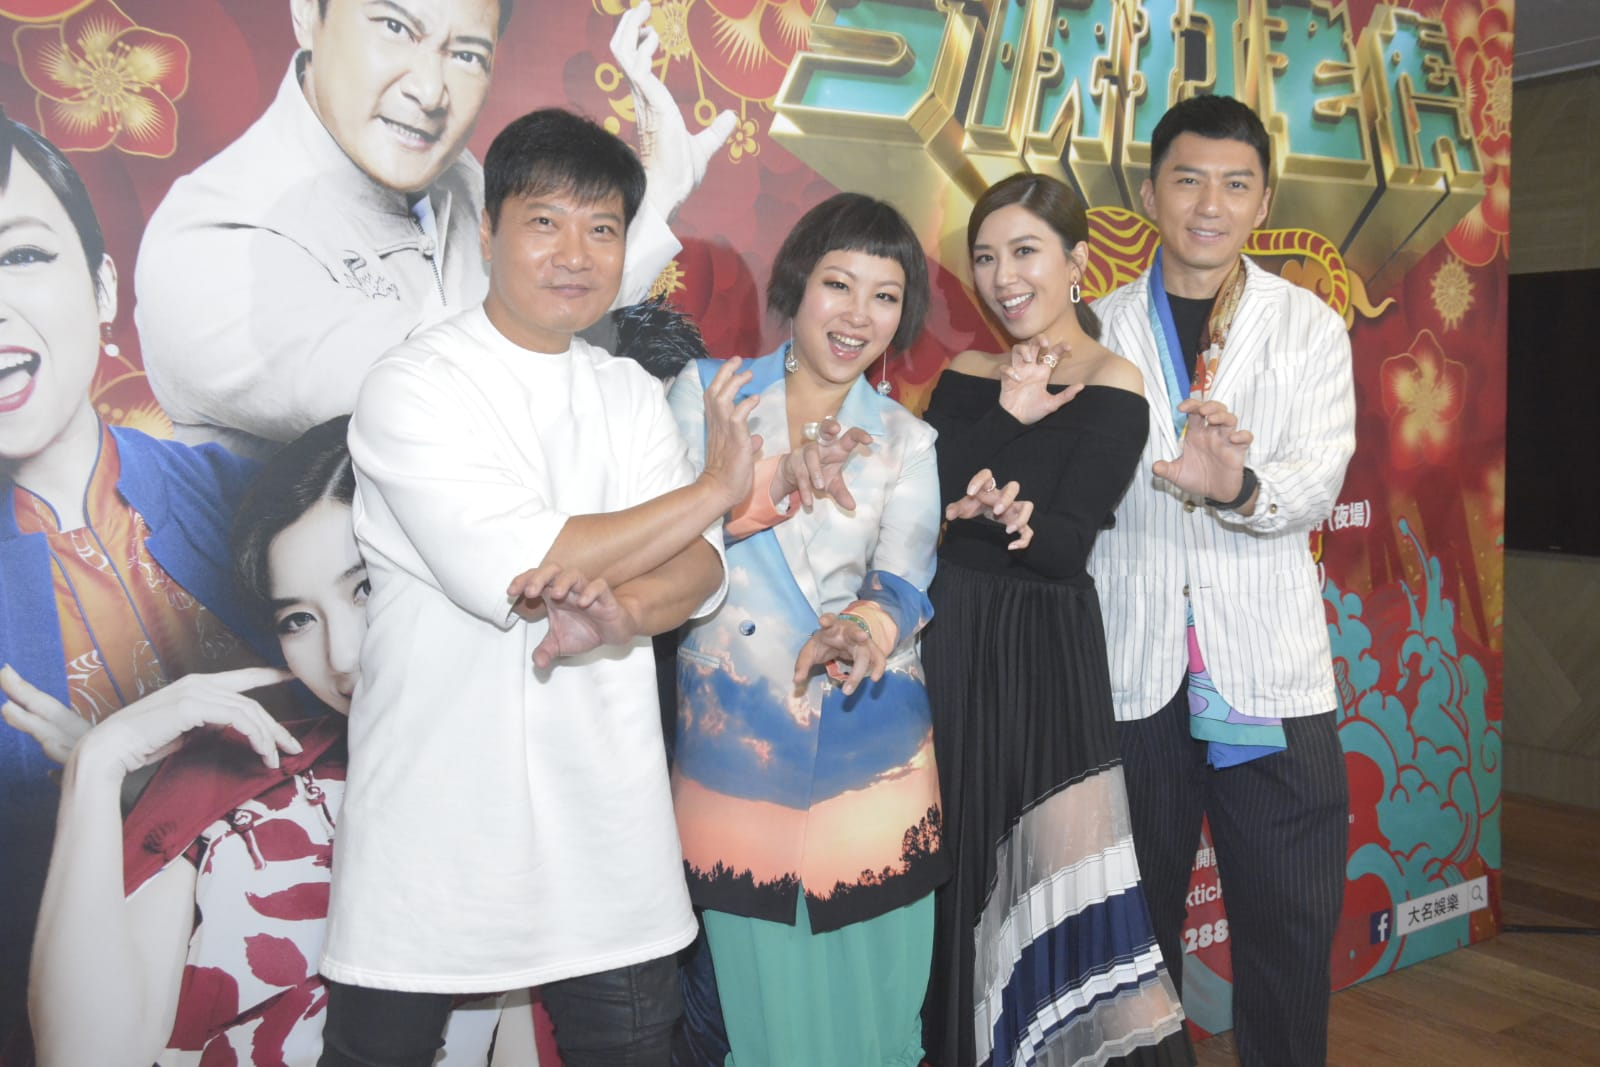 (左起)錢嘉樂、蝦頭、黃智雯和袁偉豪出席舞台劇記者會。